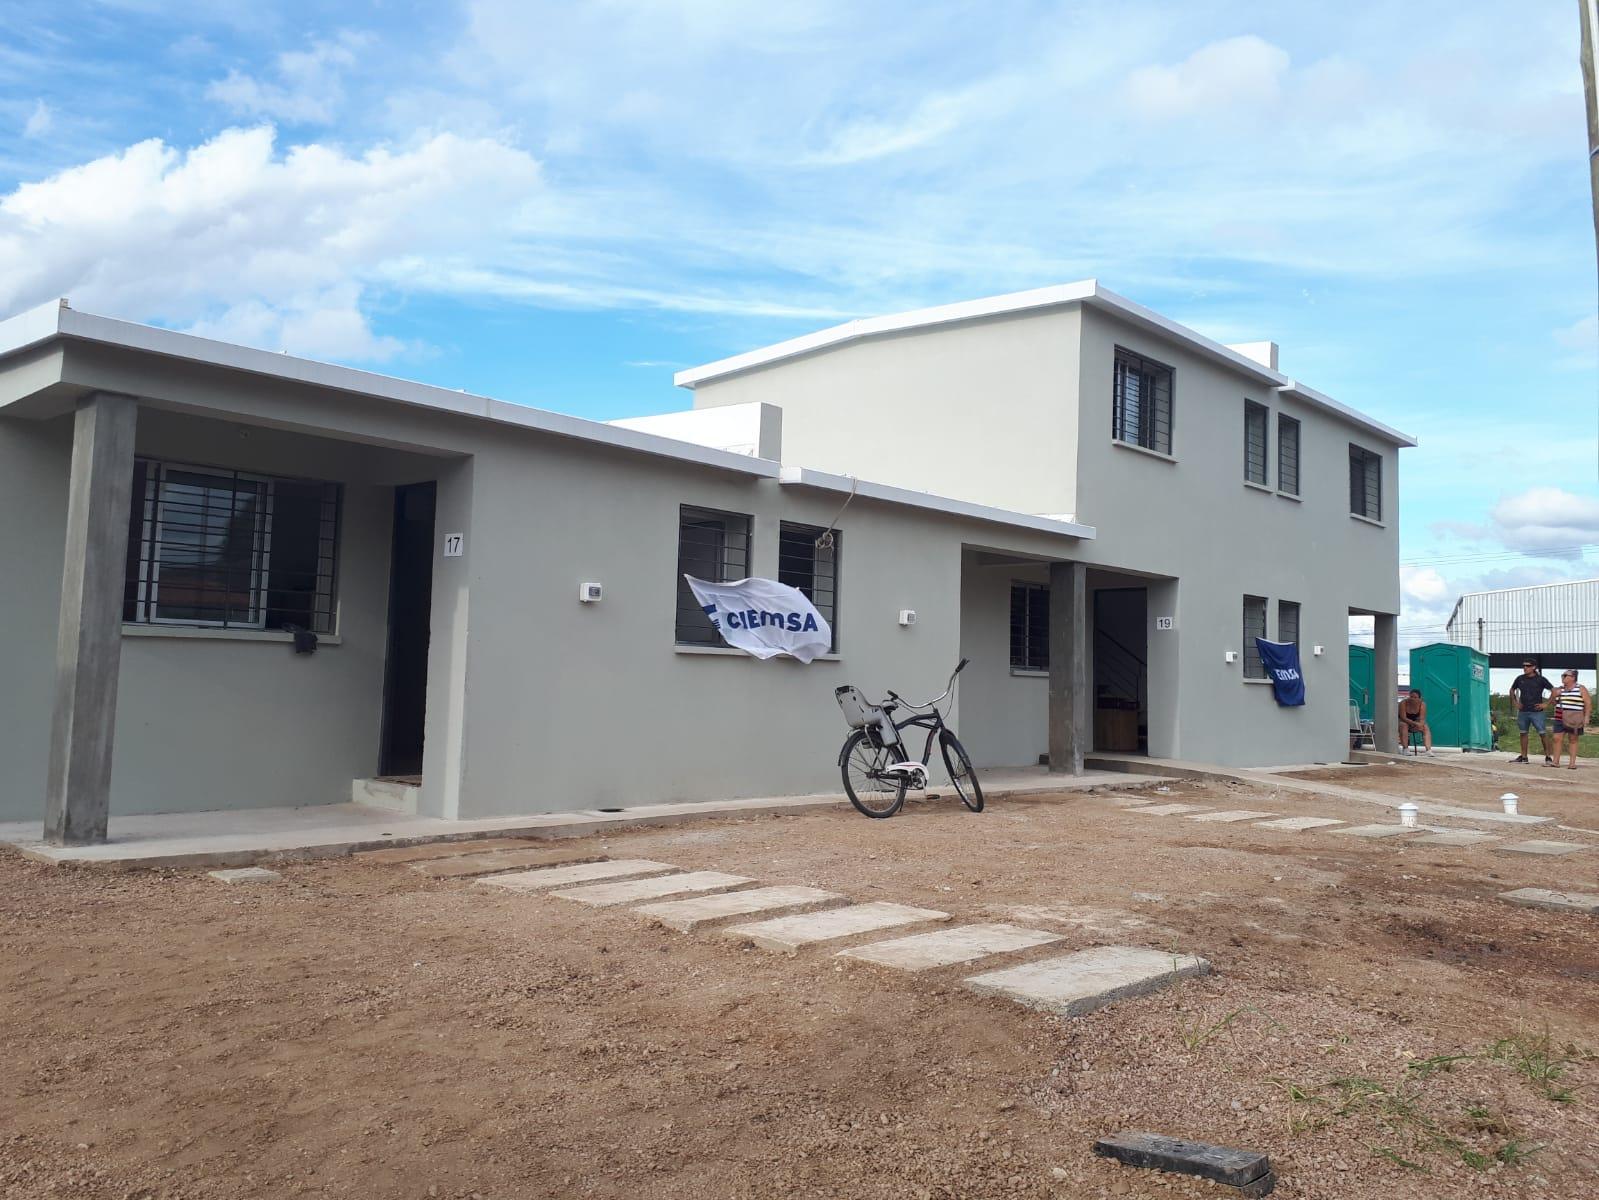 Entrega de 32 de 180 viviendas para familias realojadas del exasentamiento Proinco y La Cantera, departamento de Canelones